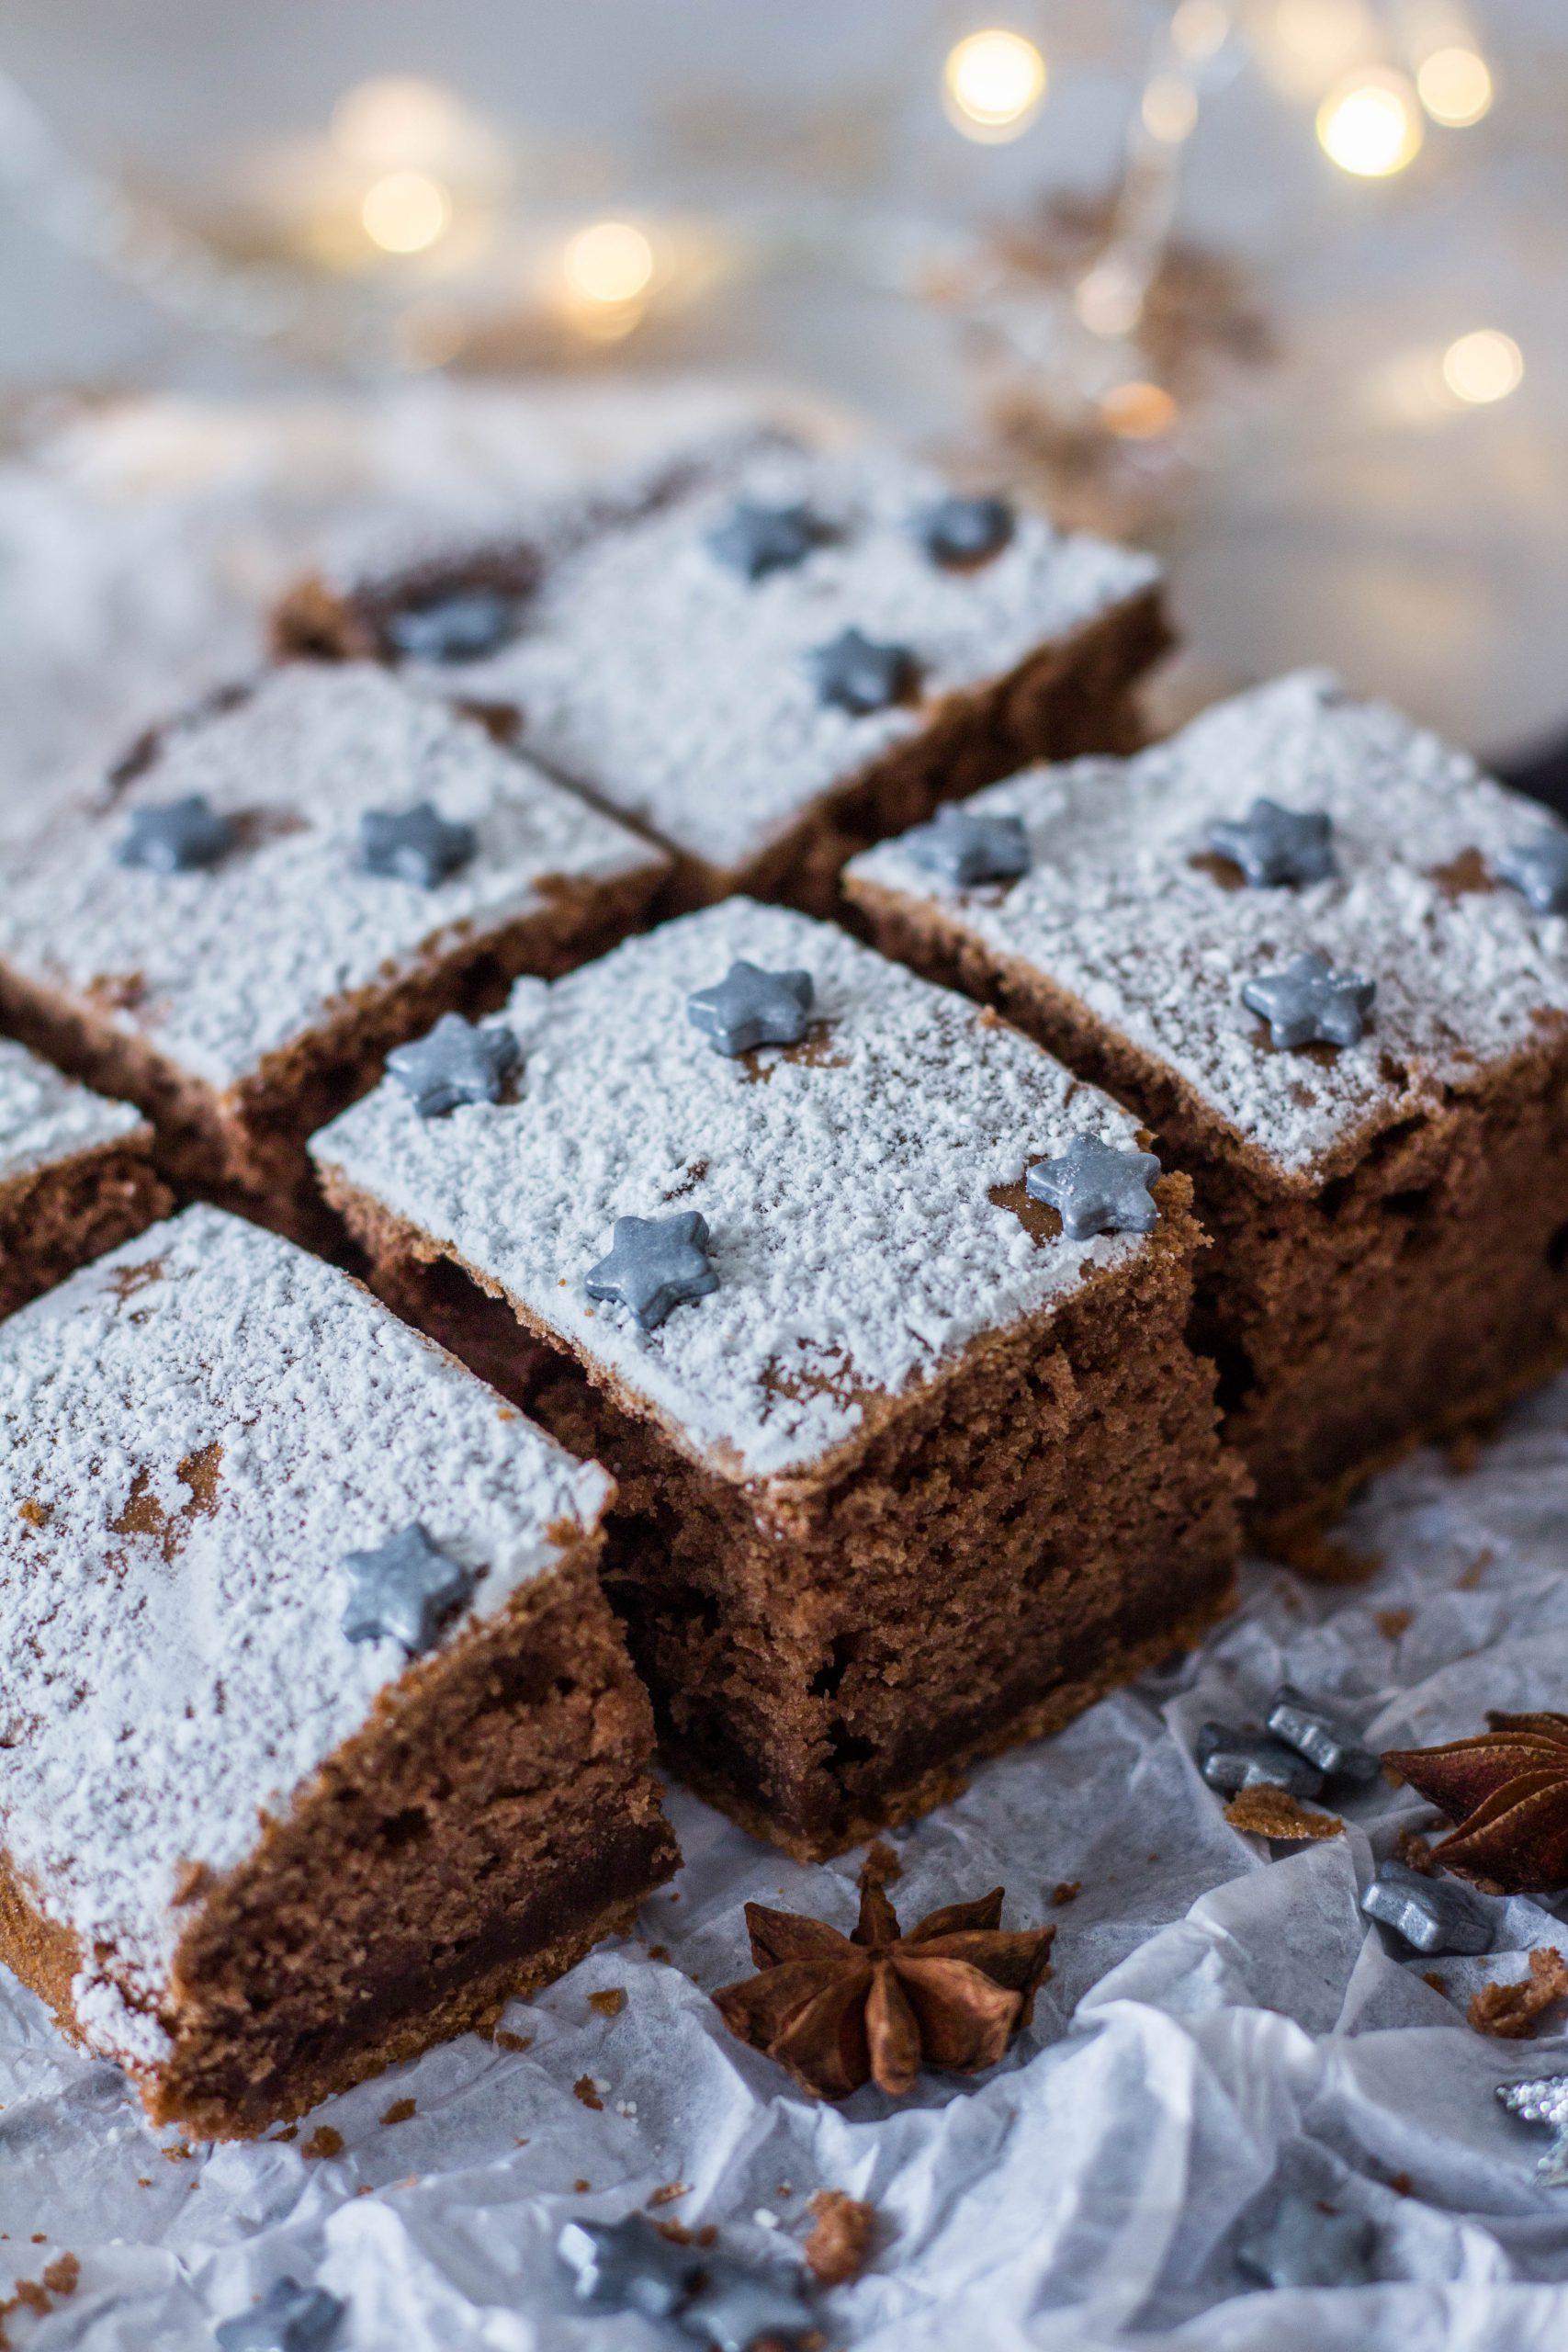 Lebkuchen Schnitten ohne Zucker - schmecken der ganzen Familie. Lieblingszwei.de